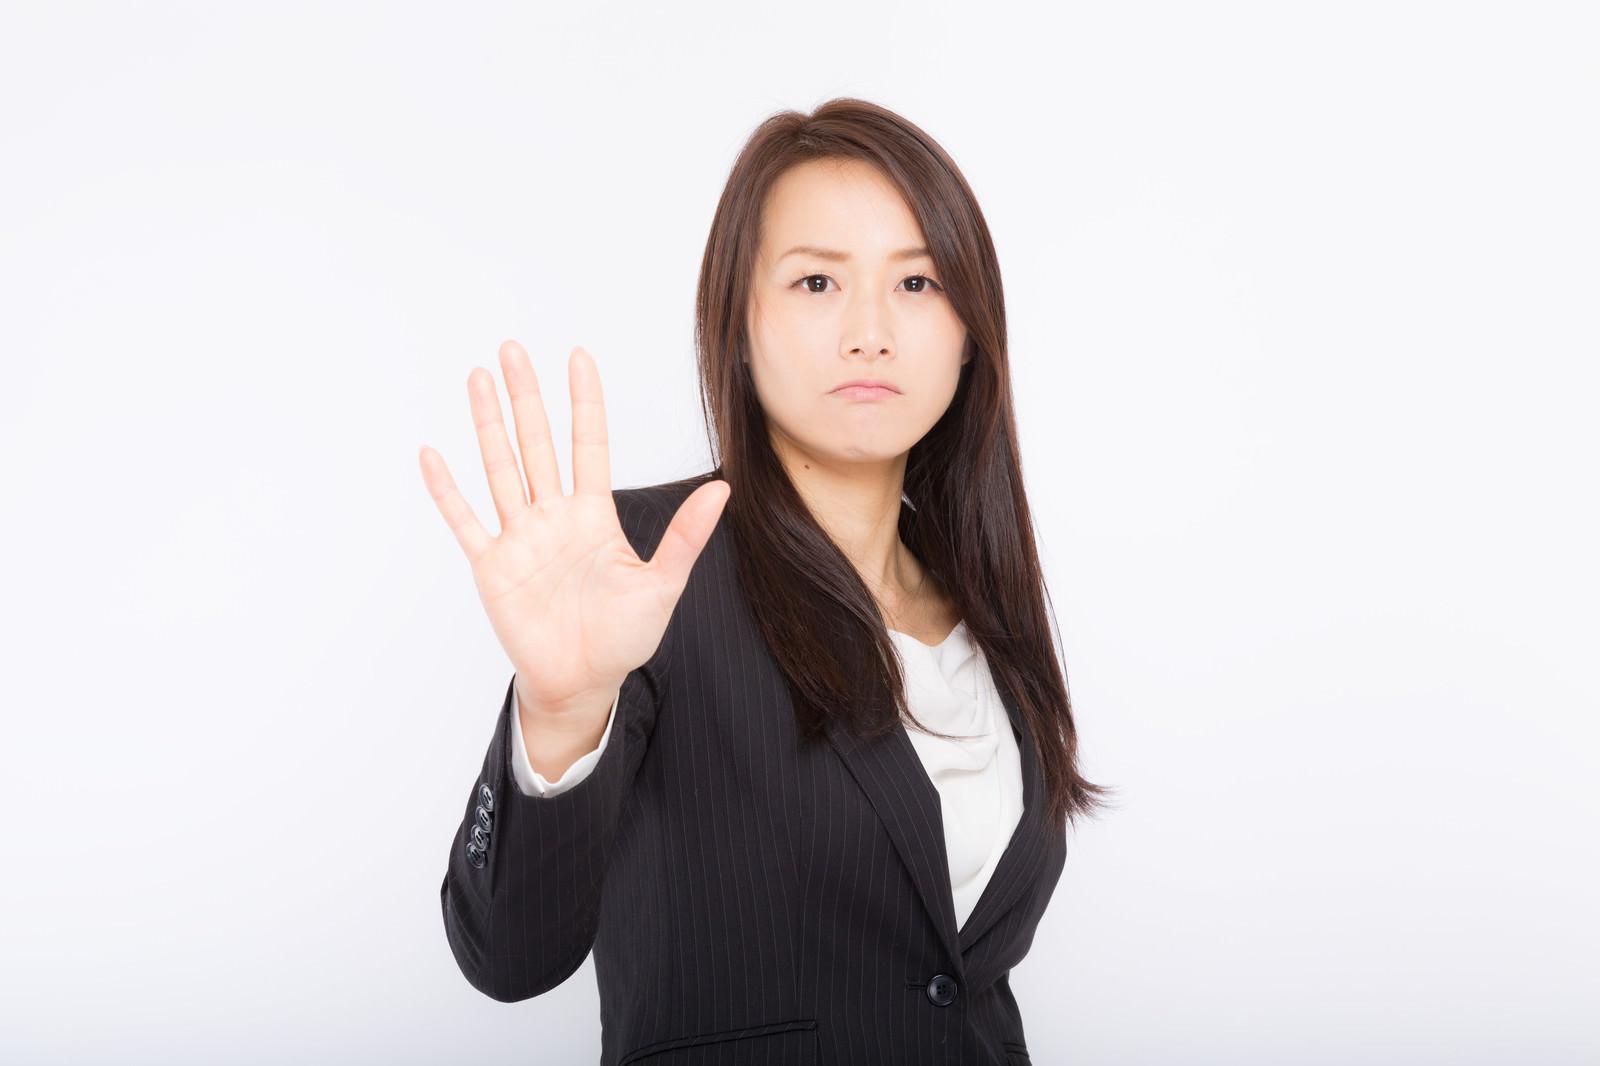 慰留されて退職できない場合の対処法・慰留される原因と対処法